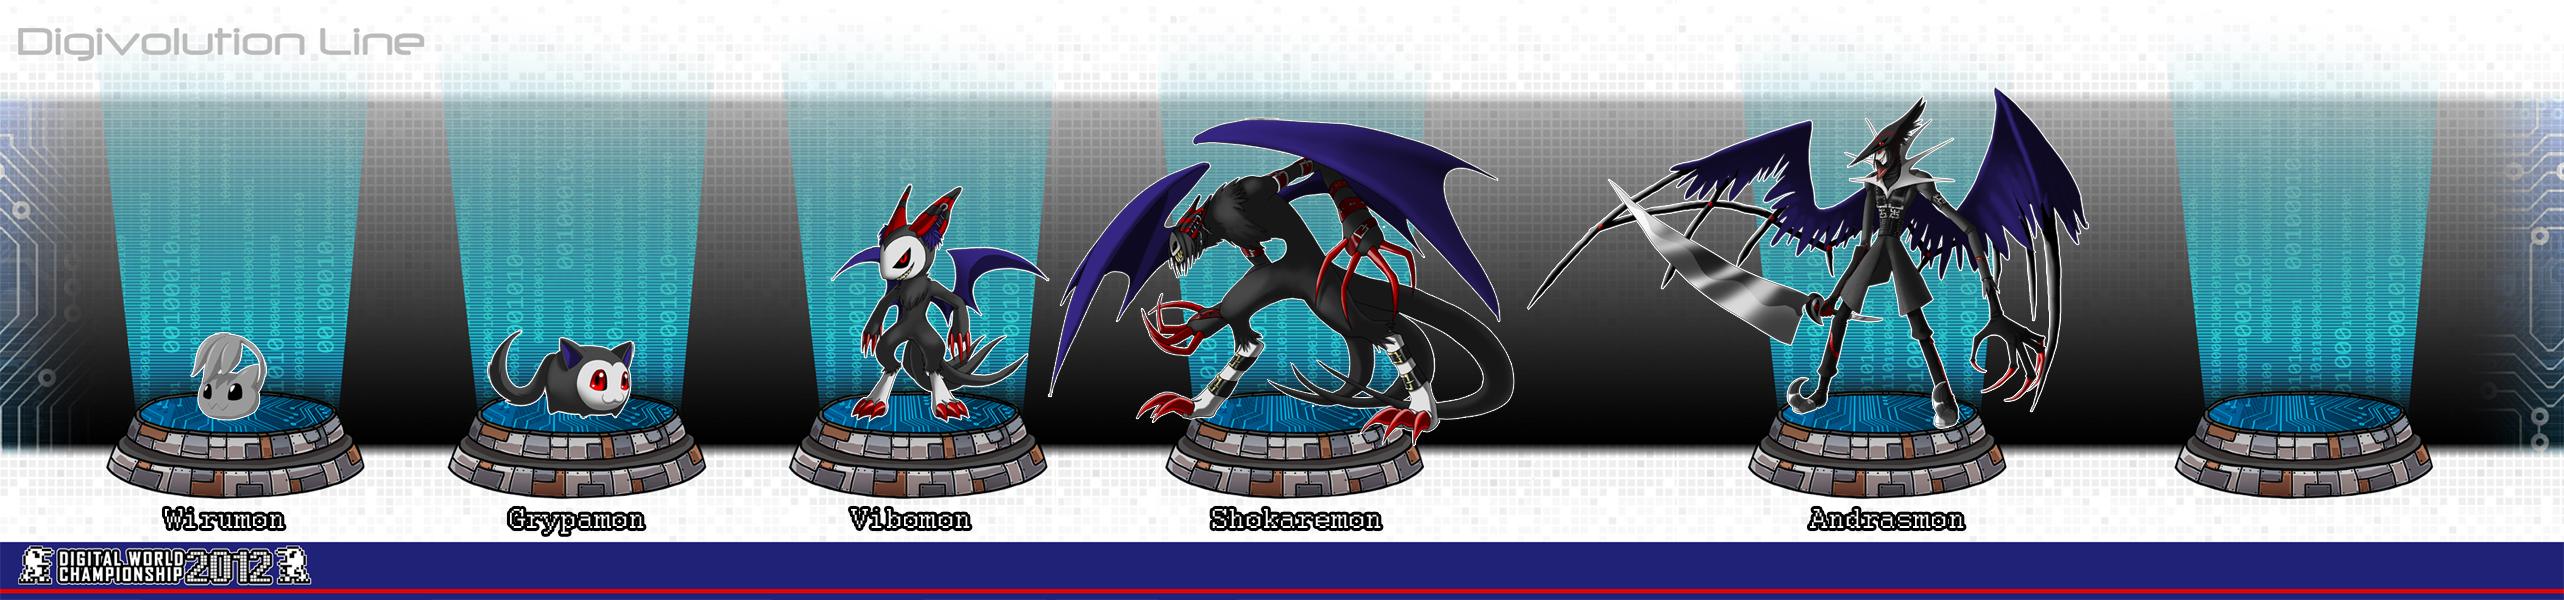 Demidevimon Evolution Line DWC: Vibomon Digivolut...